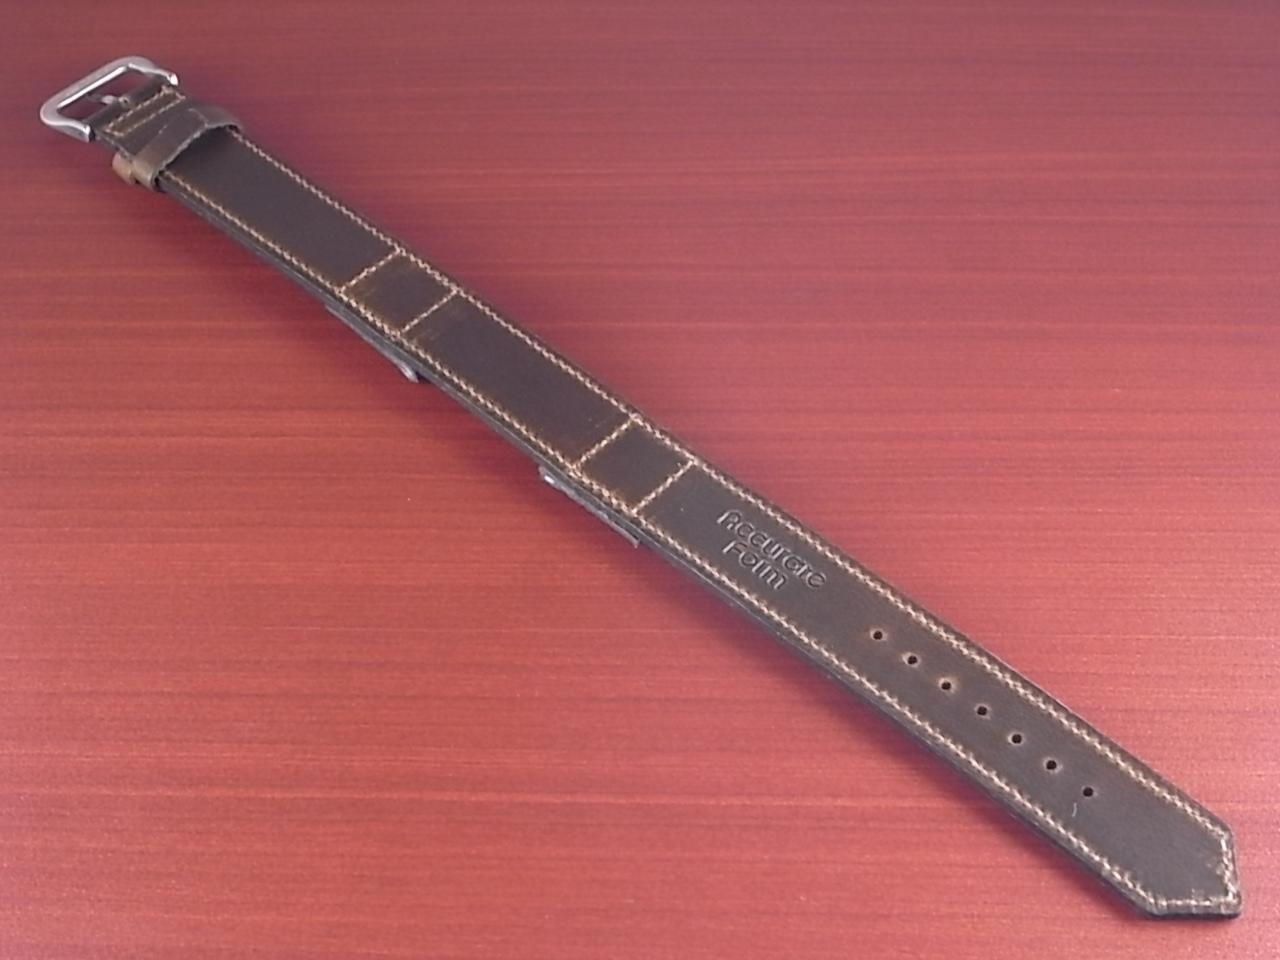 ホーウィン クロムエクセル 米軍タイプ革ベルト オリーブ 16mmの写真2枚目